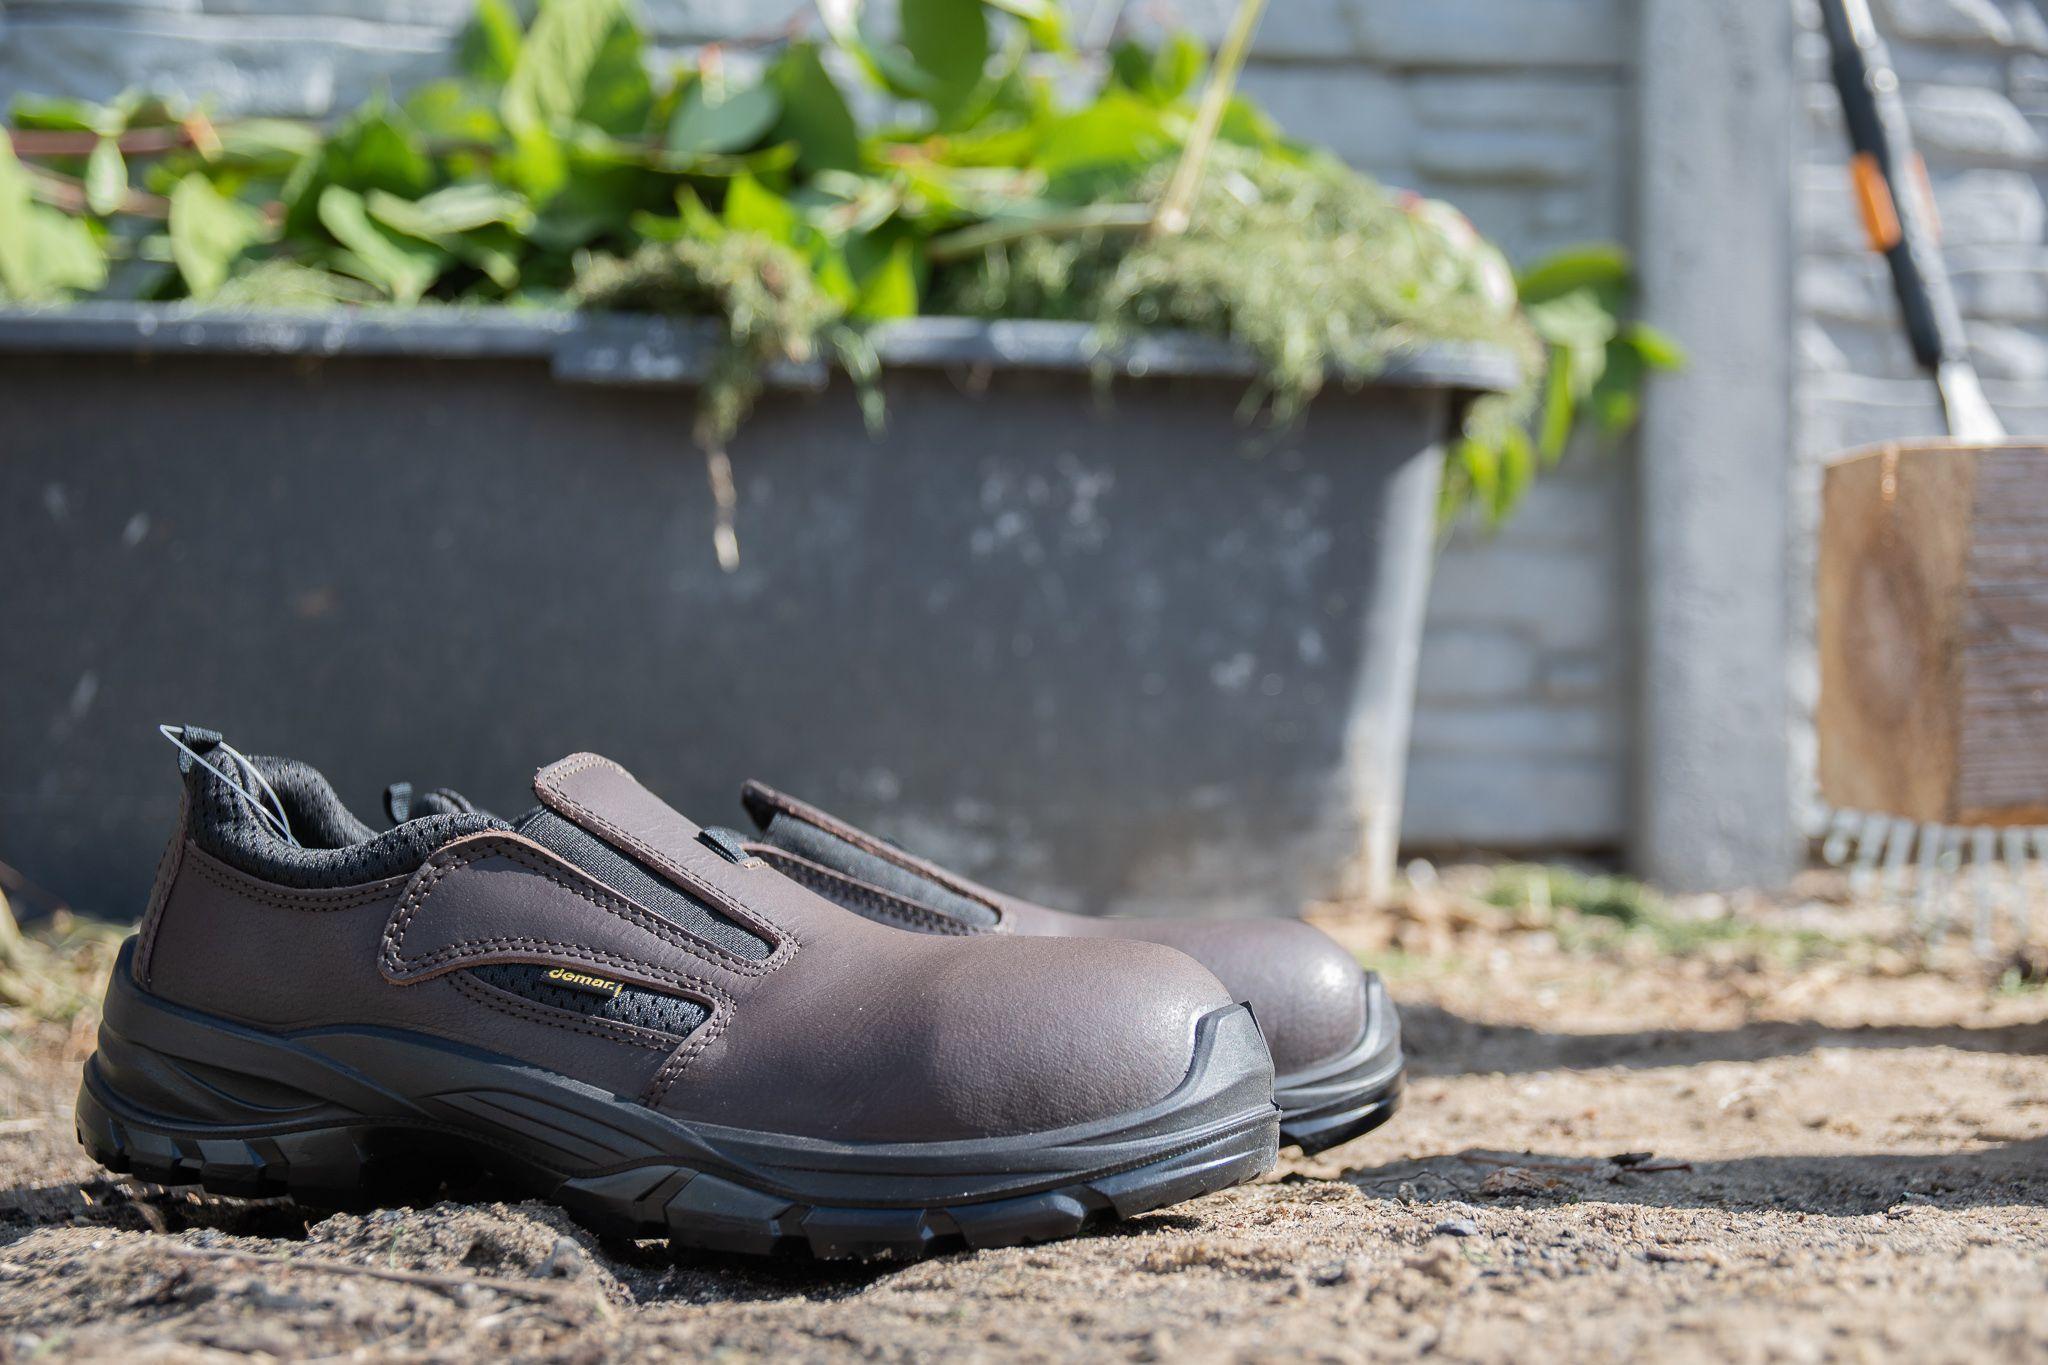 Szybkie Do Zalozenia Buty Robocze Wykonane Na Wzor Mysliwskich Lander S1 Polbuty Ochronne Z Stalowym Podnoskiem P Work Boots Safety Boots All Black Sneakers